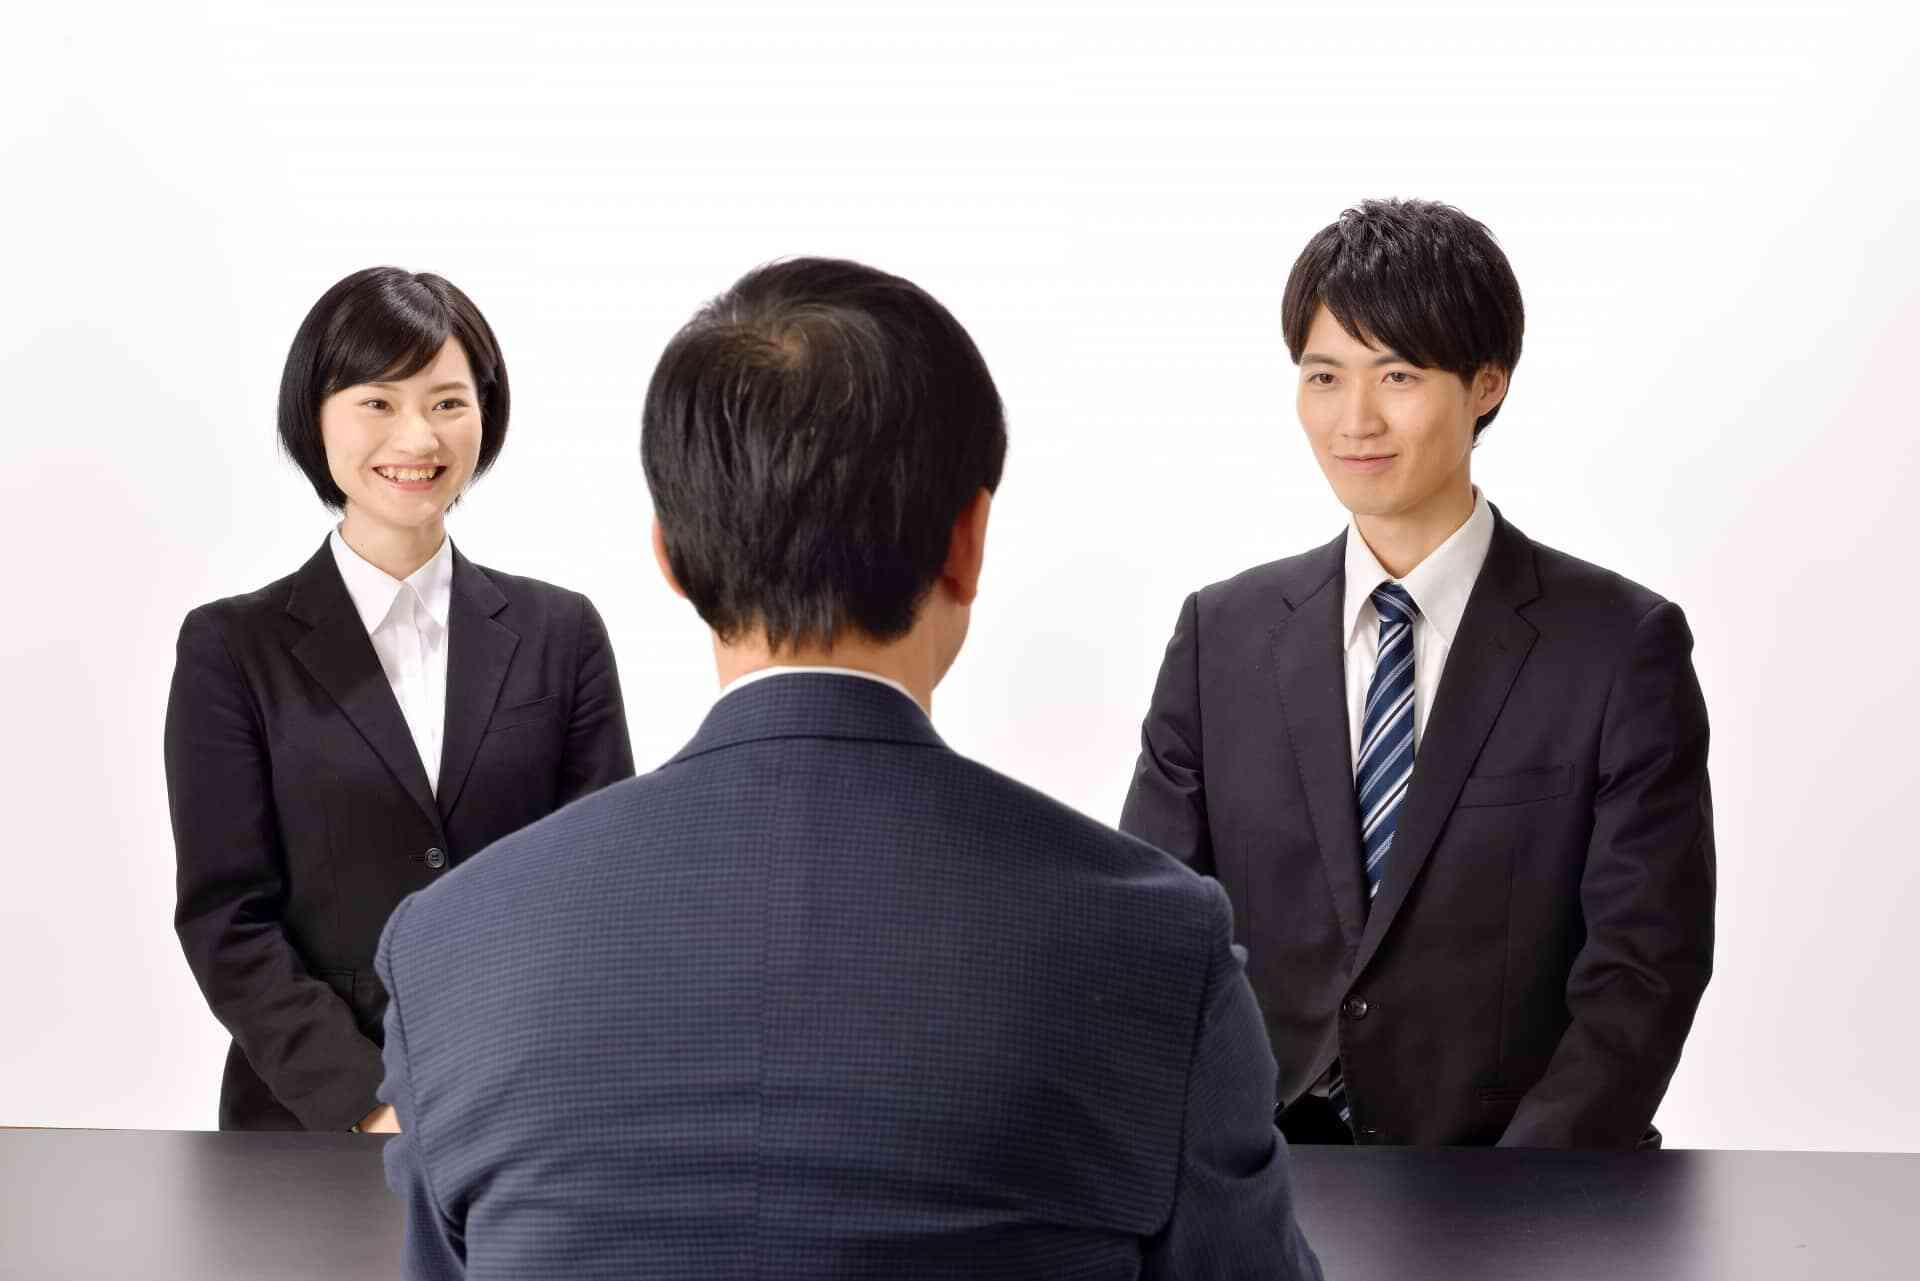 長所と短所の回答の仕方を解説!-企業との面接で就活生がアピールするべき回答-